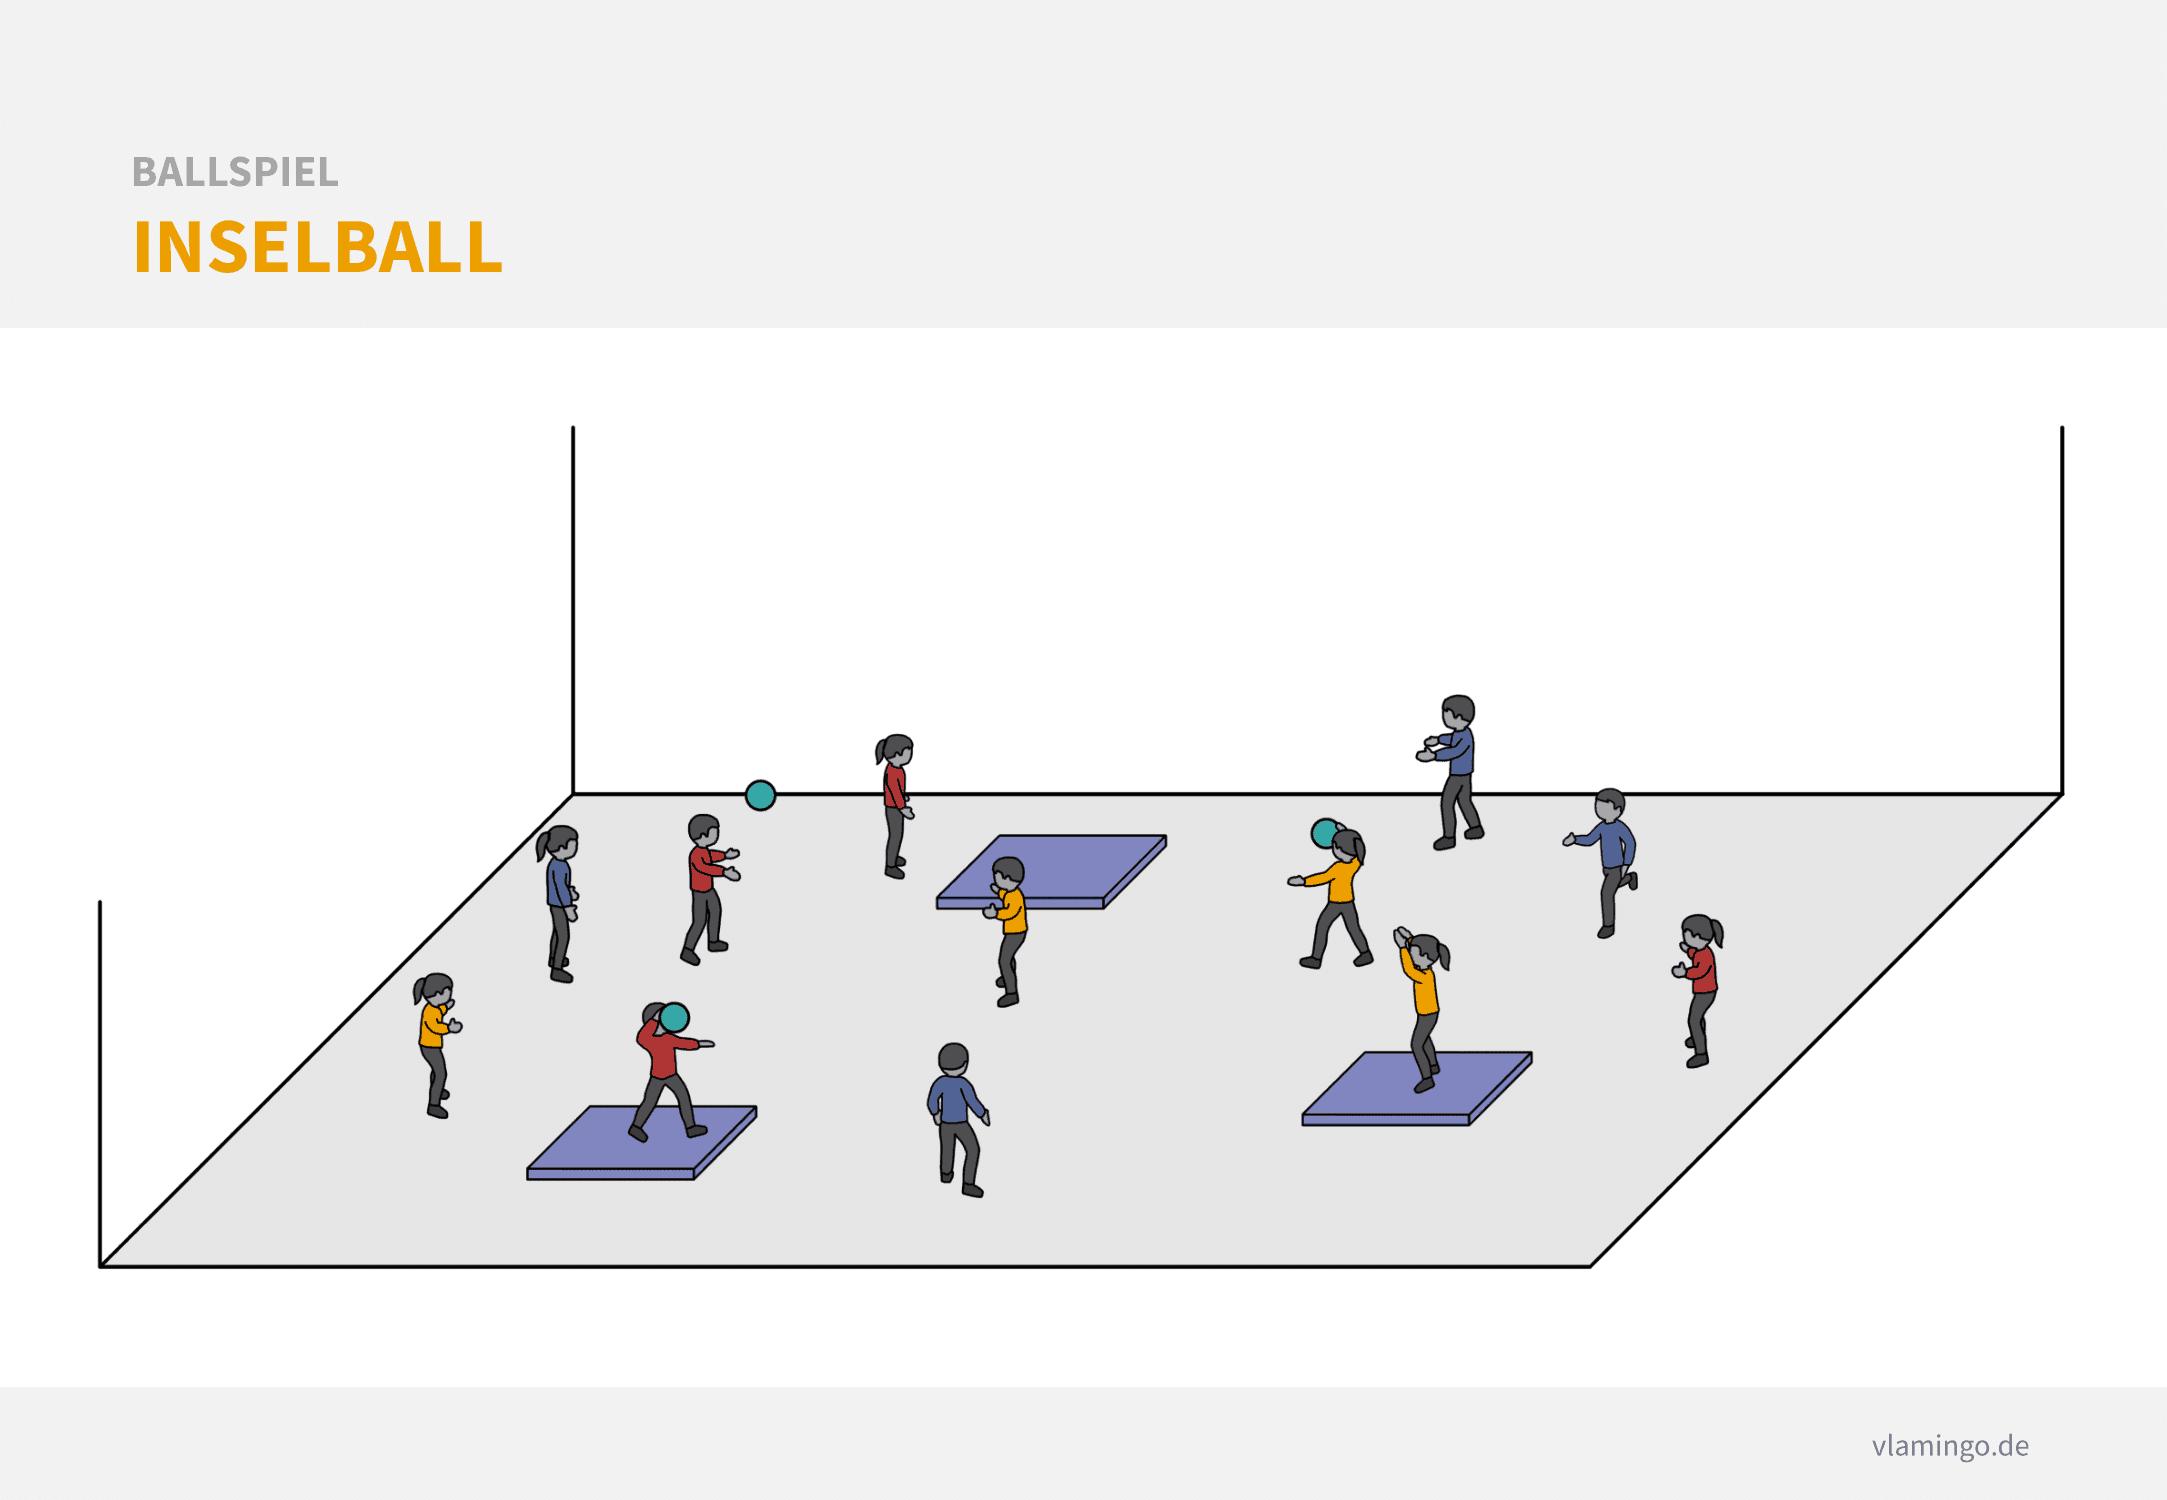 Ballspiel: Inselball